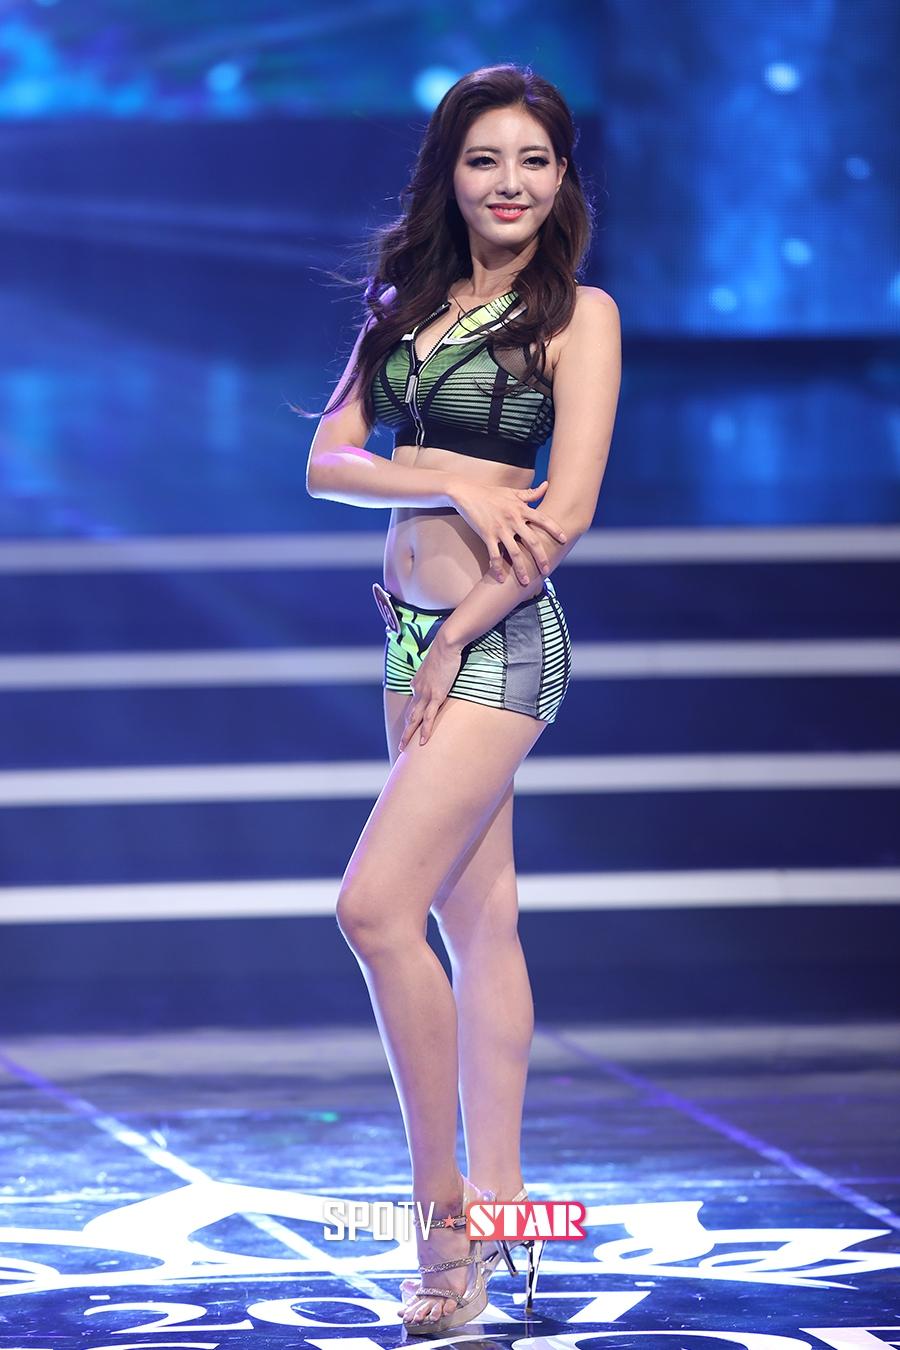 Hoa hậu Hàn Quốc 2017: Trao đến tận 7 vương miện, nhưng tất cả đều bị chê bai thậm tệ về nhan sắc - Ảnh 16.